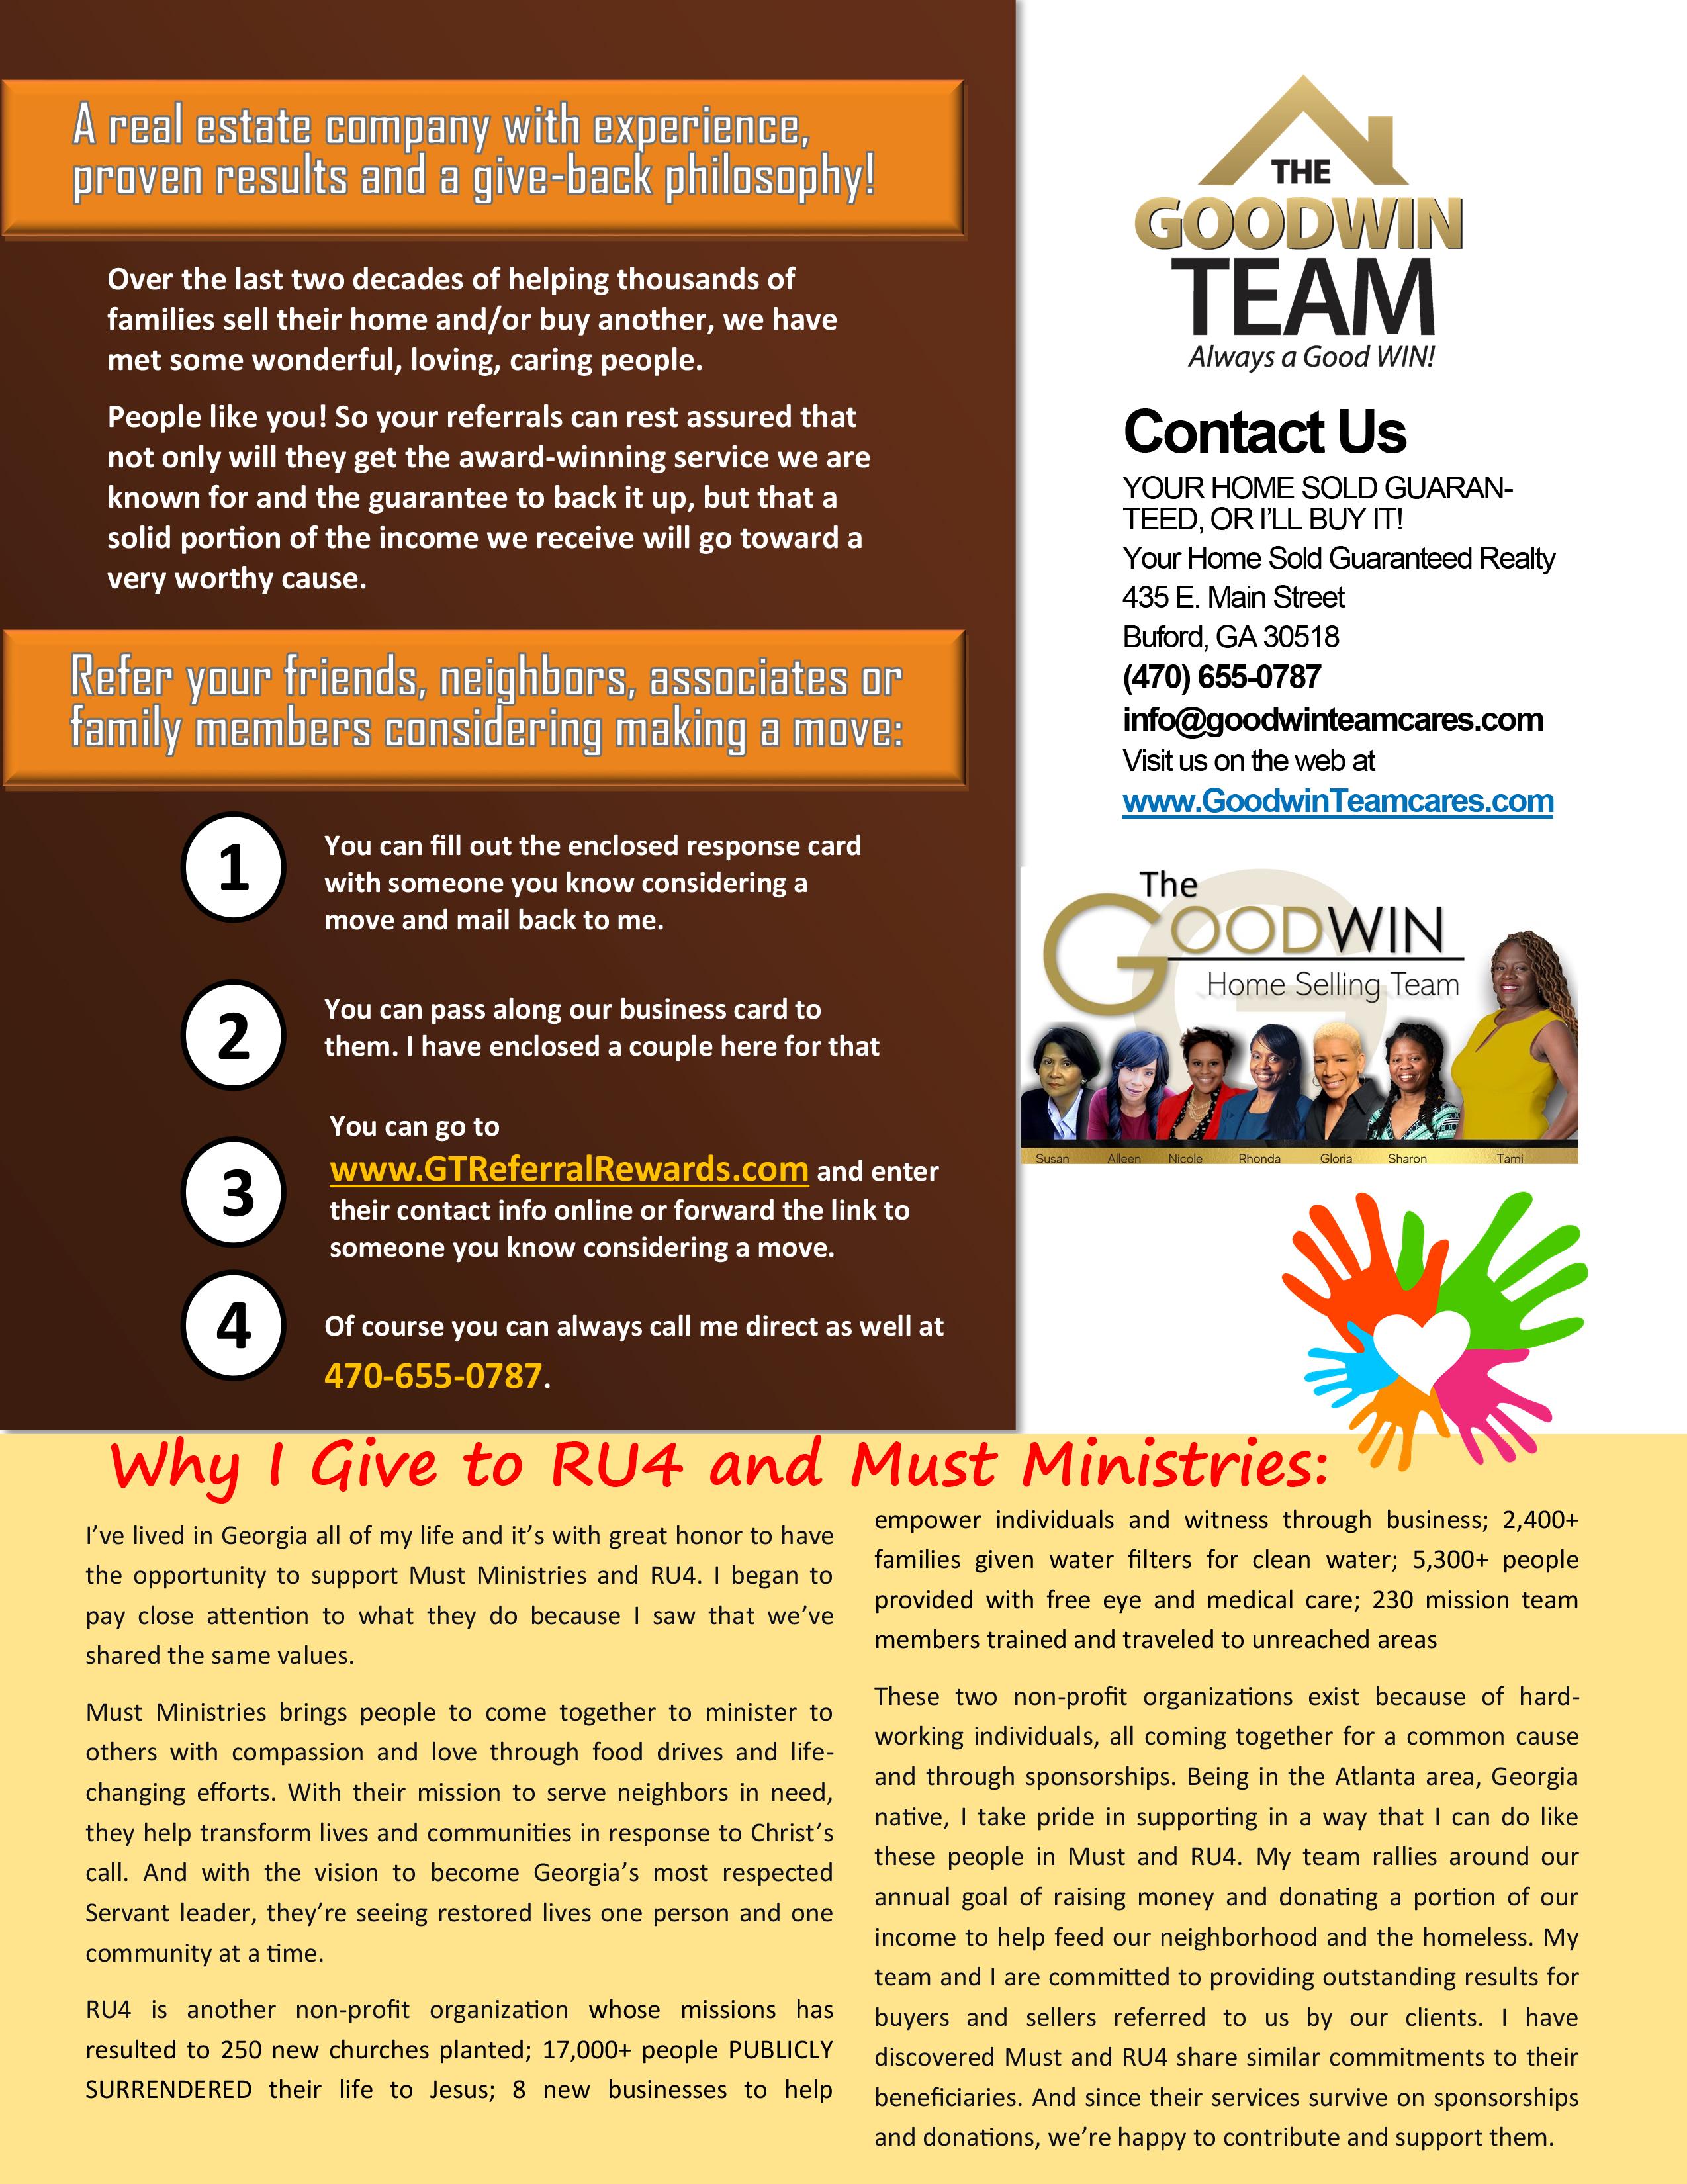 Nov 2020 Referral Newsletter Goodwin Team-4.JPG